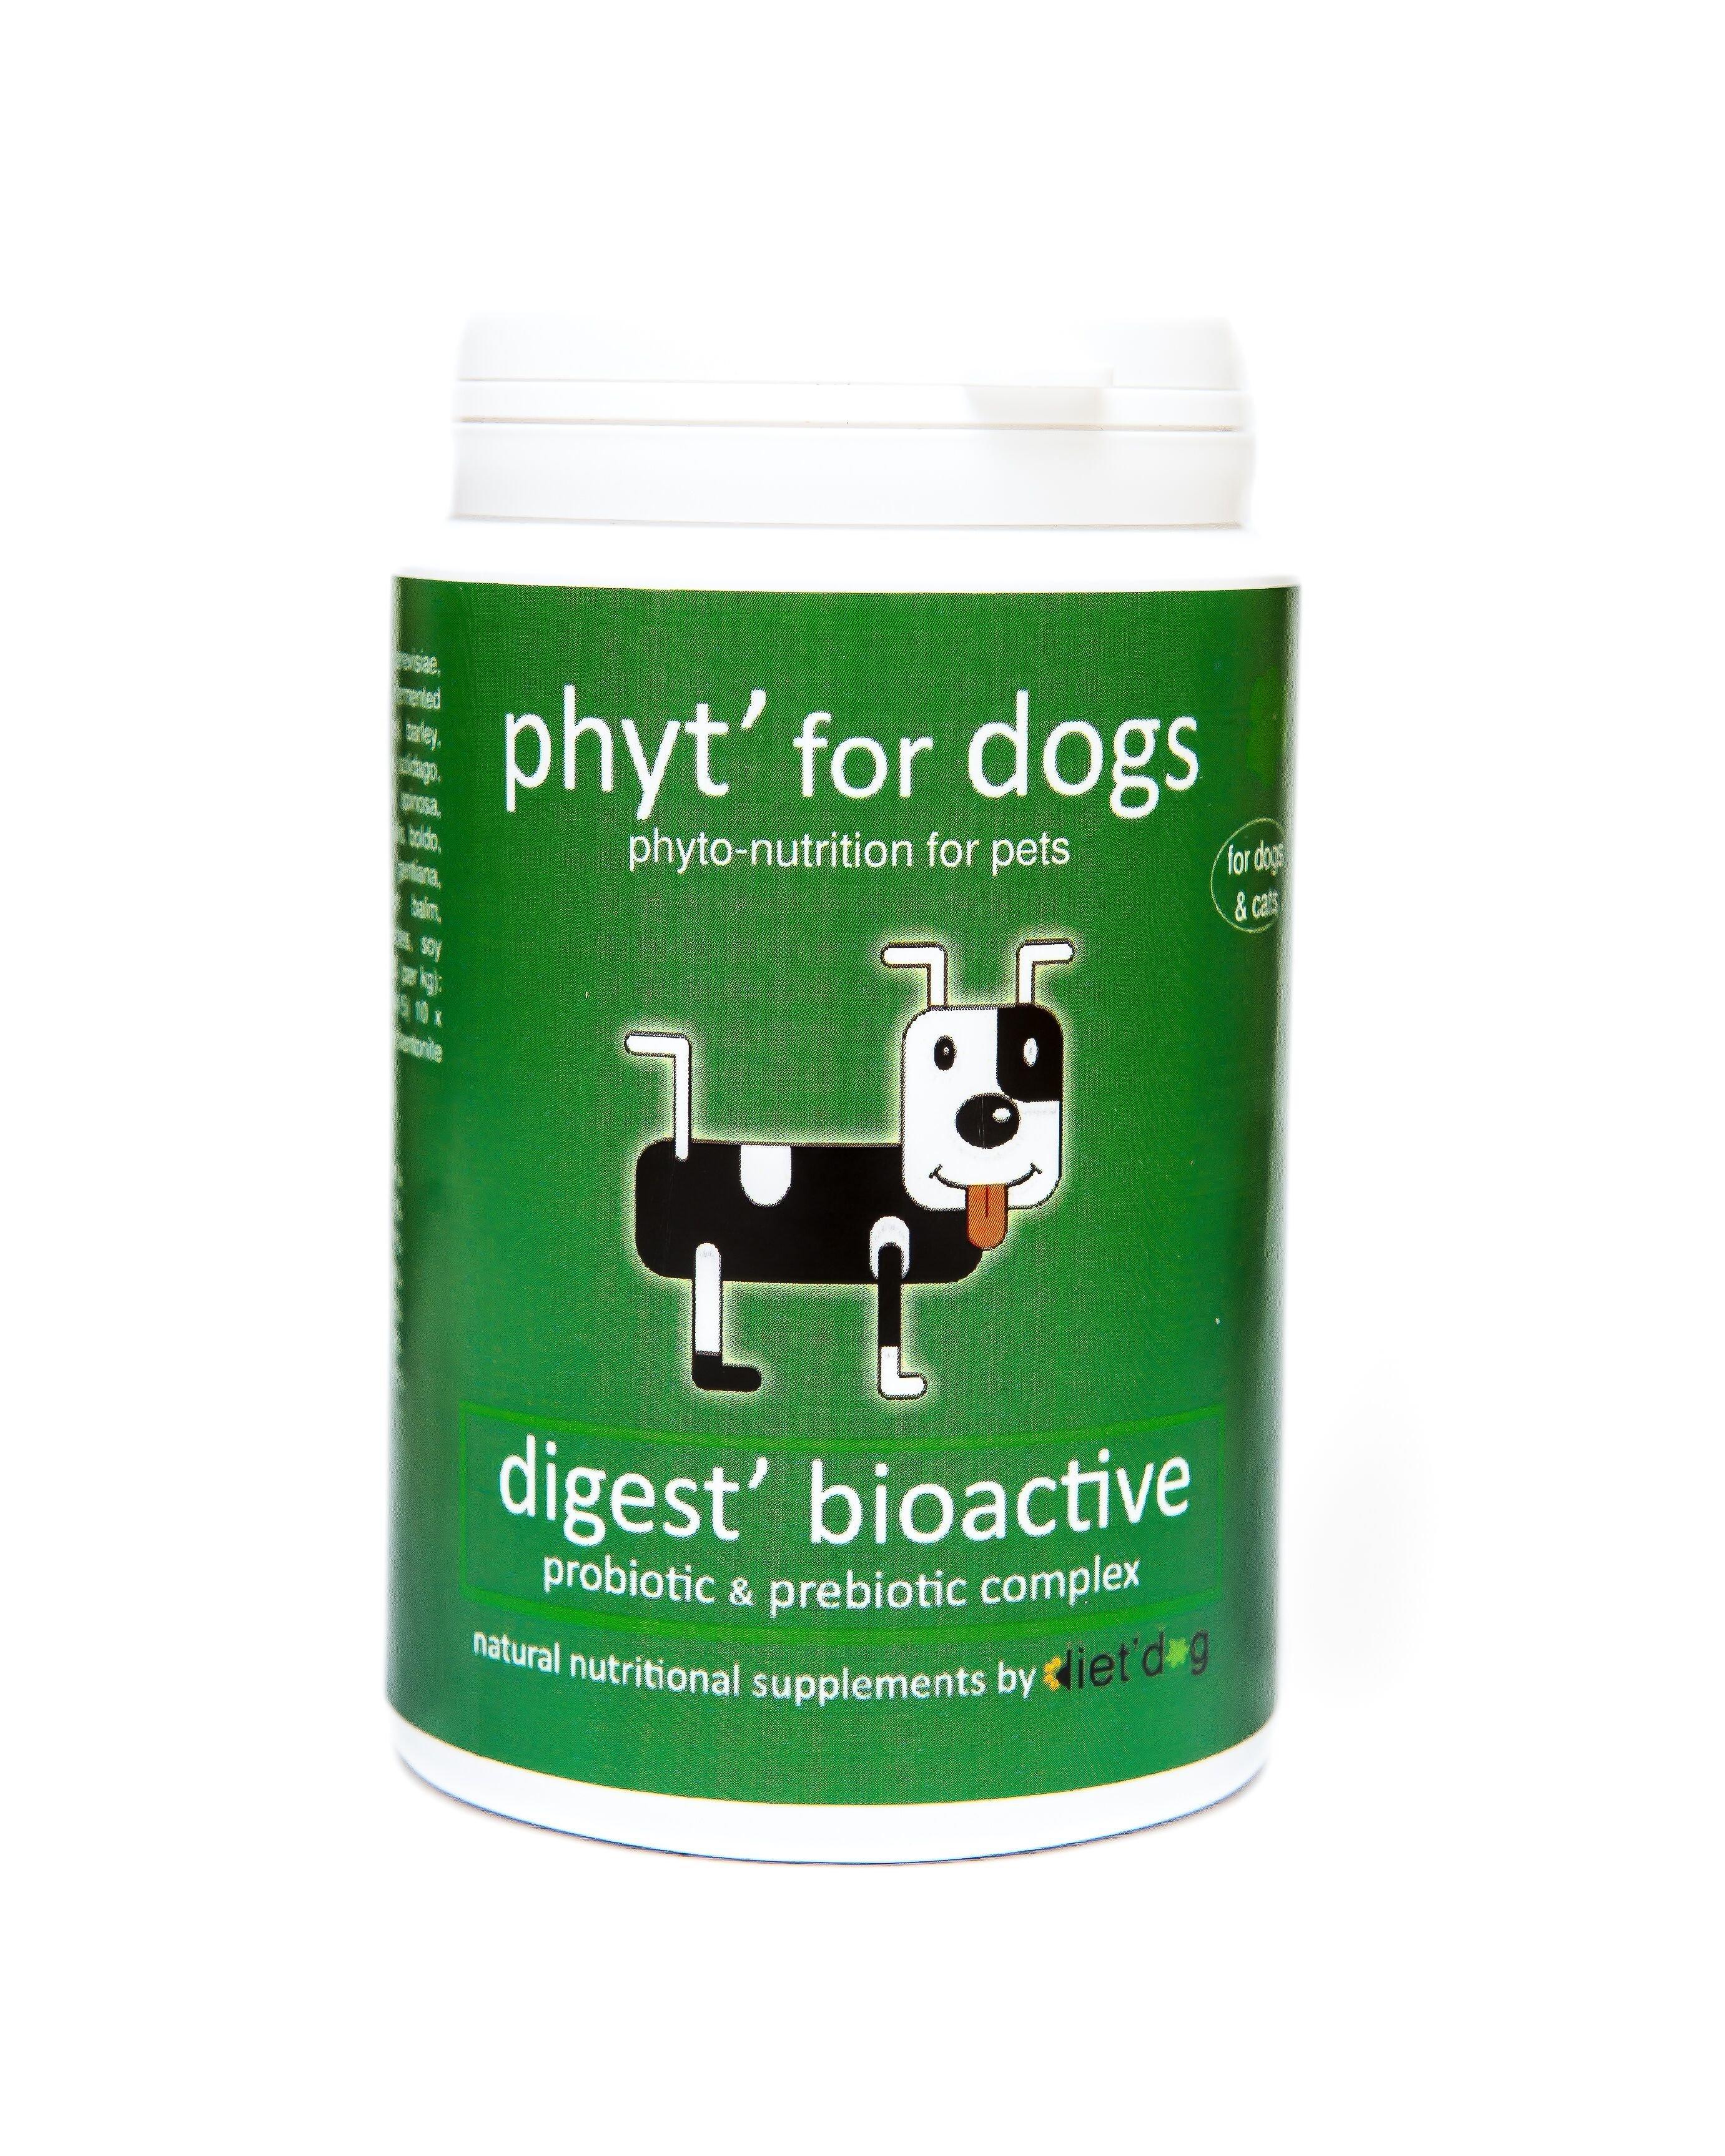 Diet Dog Digest bioactive